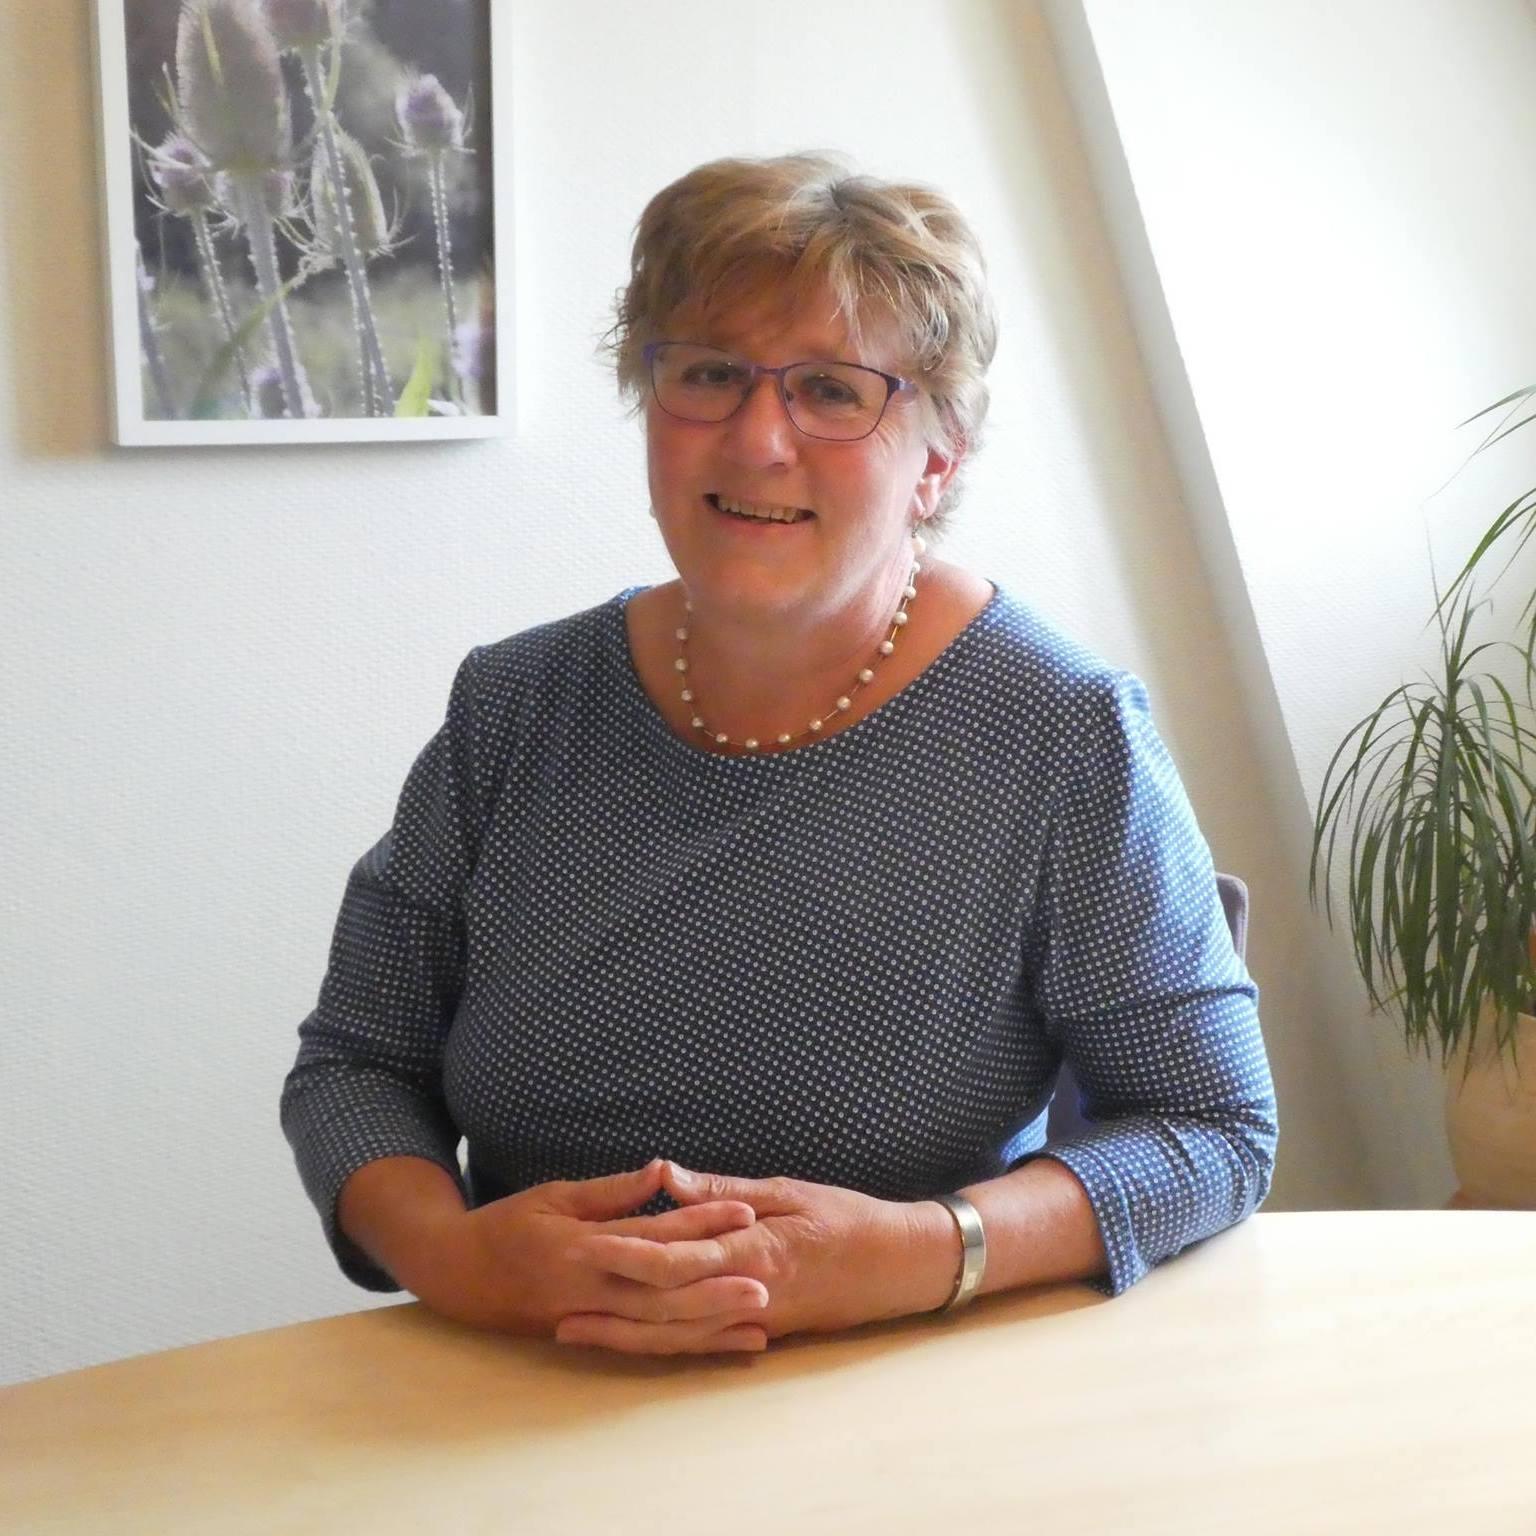 Tineke Veenstra